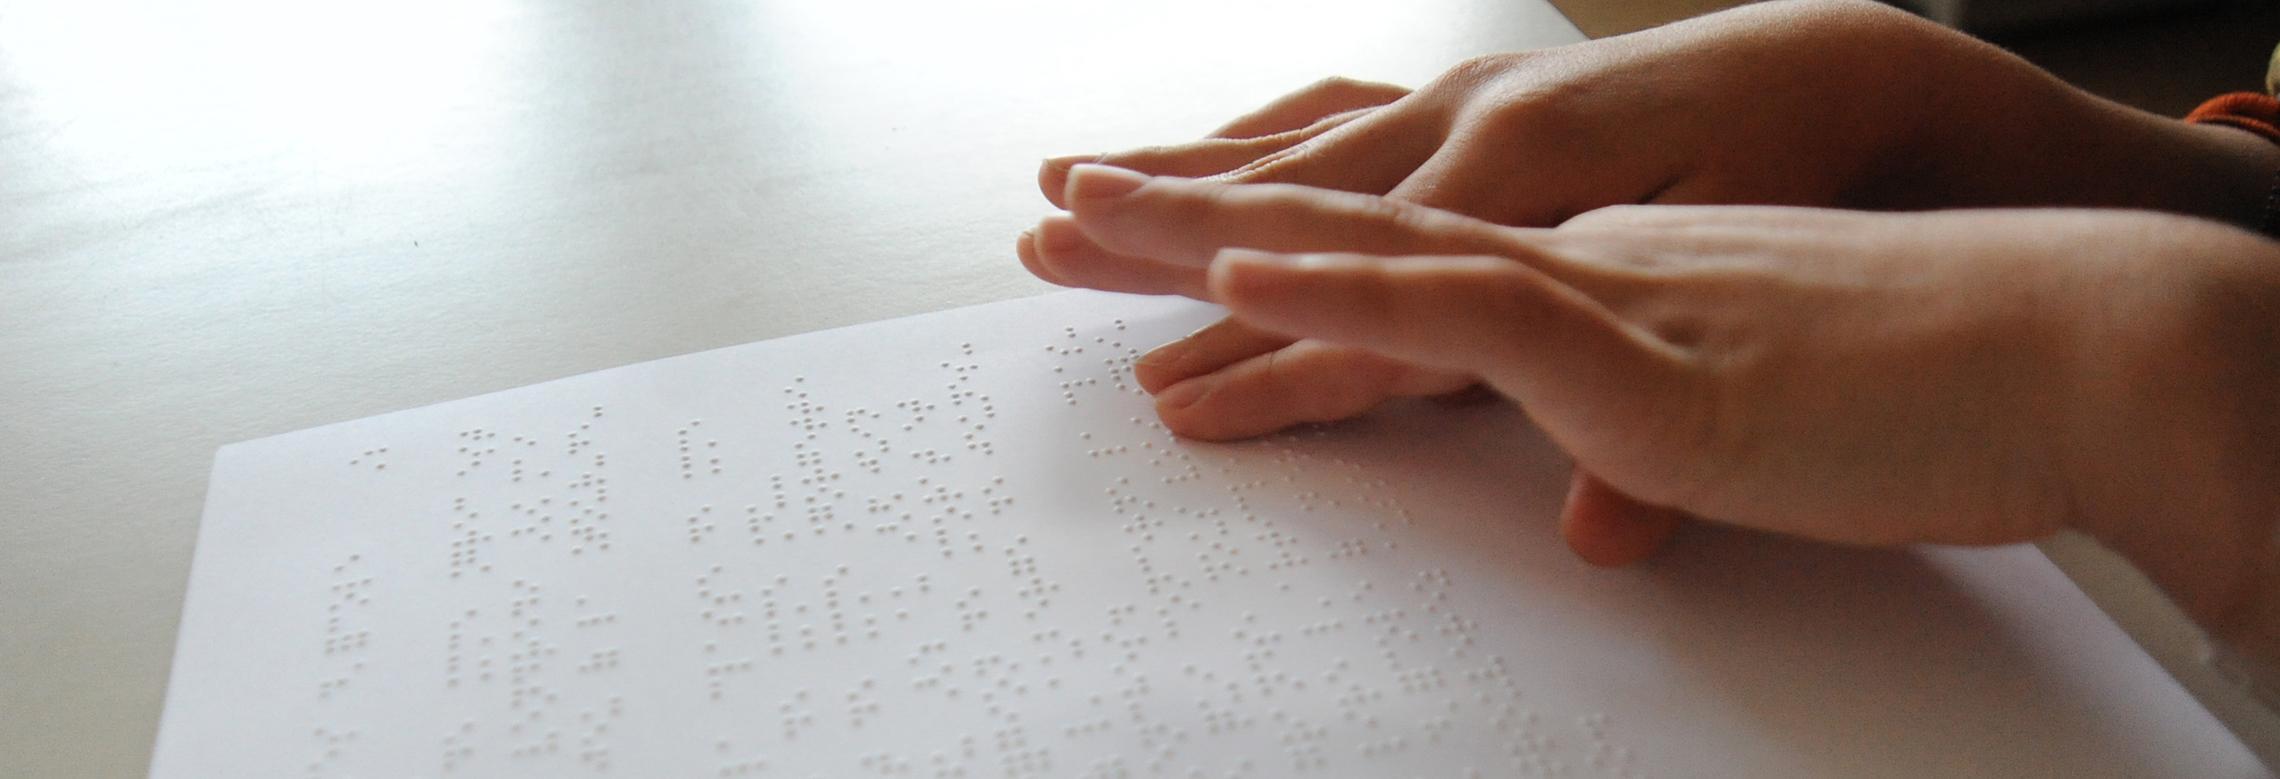 Image d'un enfant lisant du braille